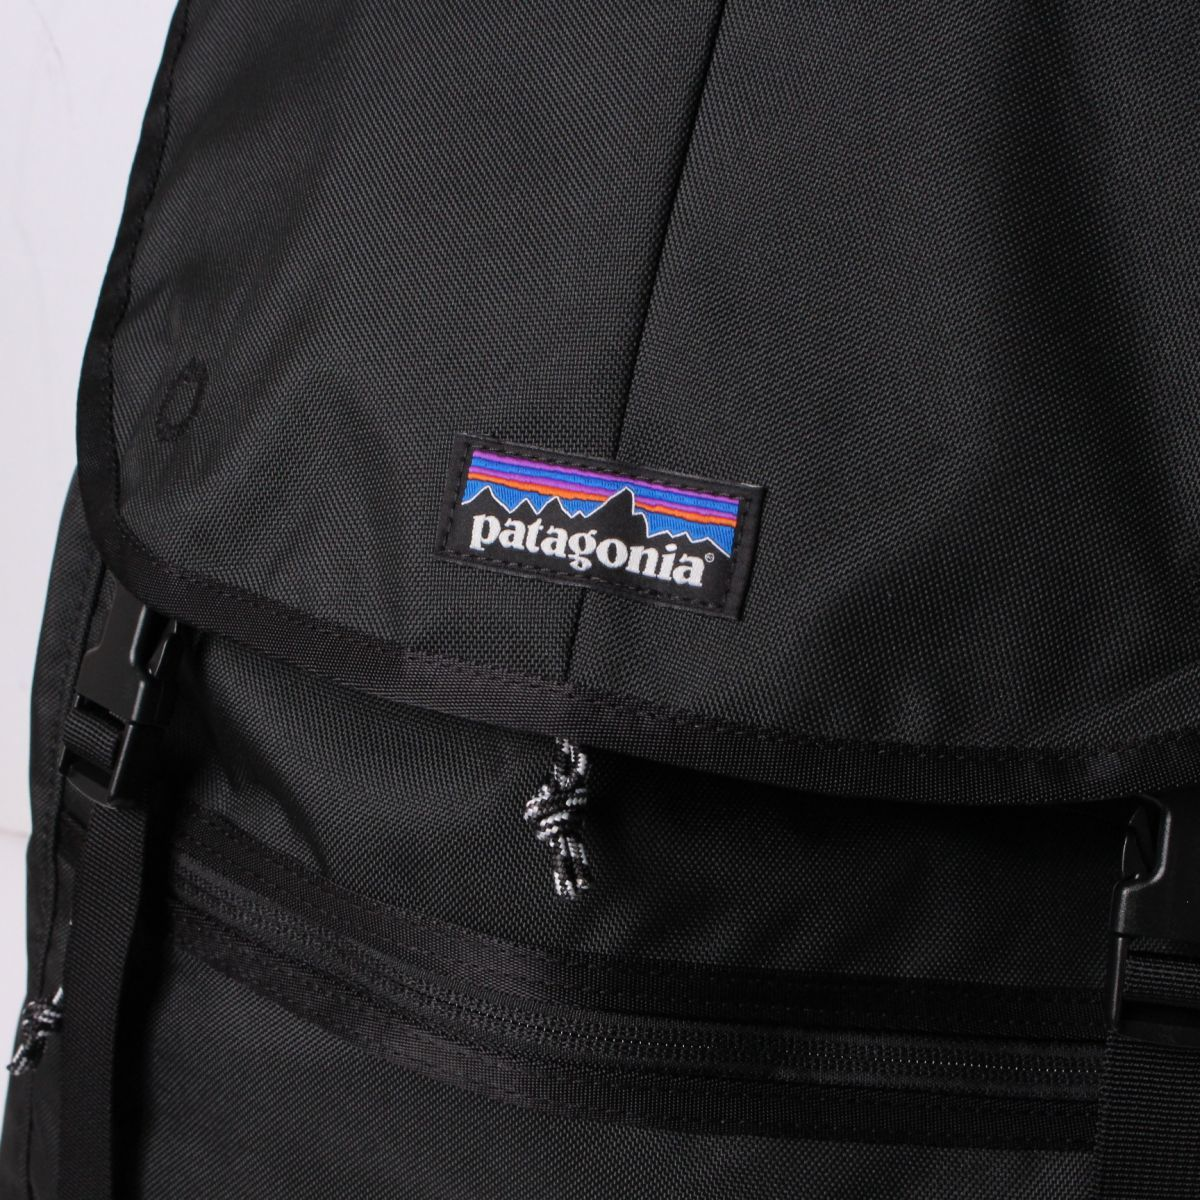 新品 未使用 正規品 pantagonia パタゴニア リュック 25L Arbor Classic Pack バックパック 鞄 デイパック ブラック キャンプ 登山 r015206_画像2